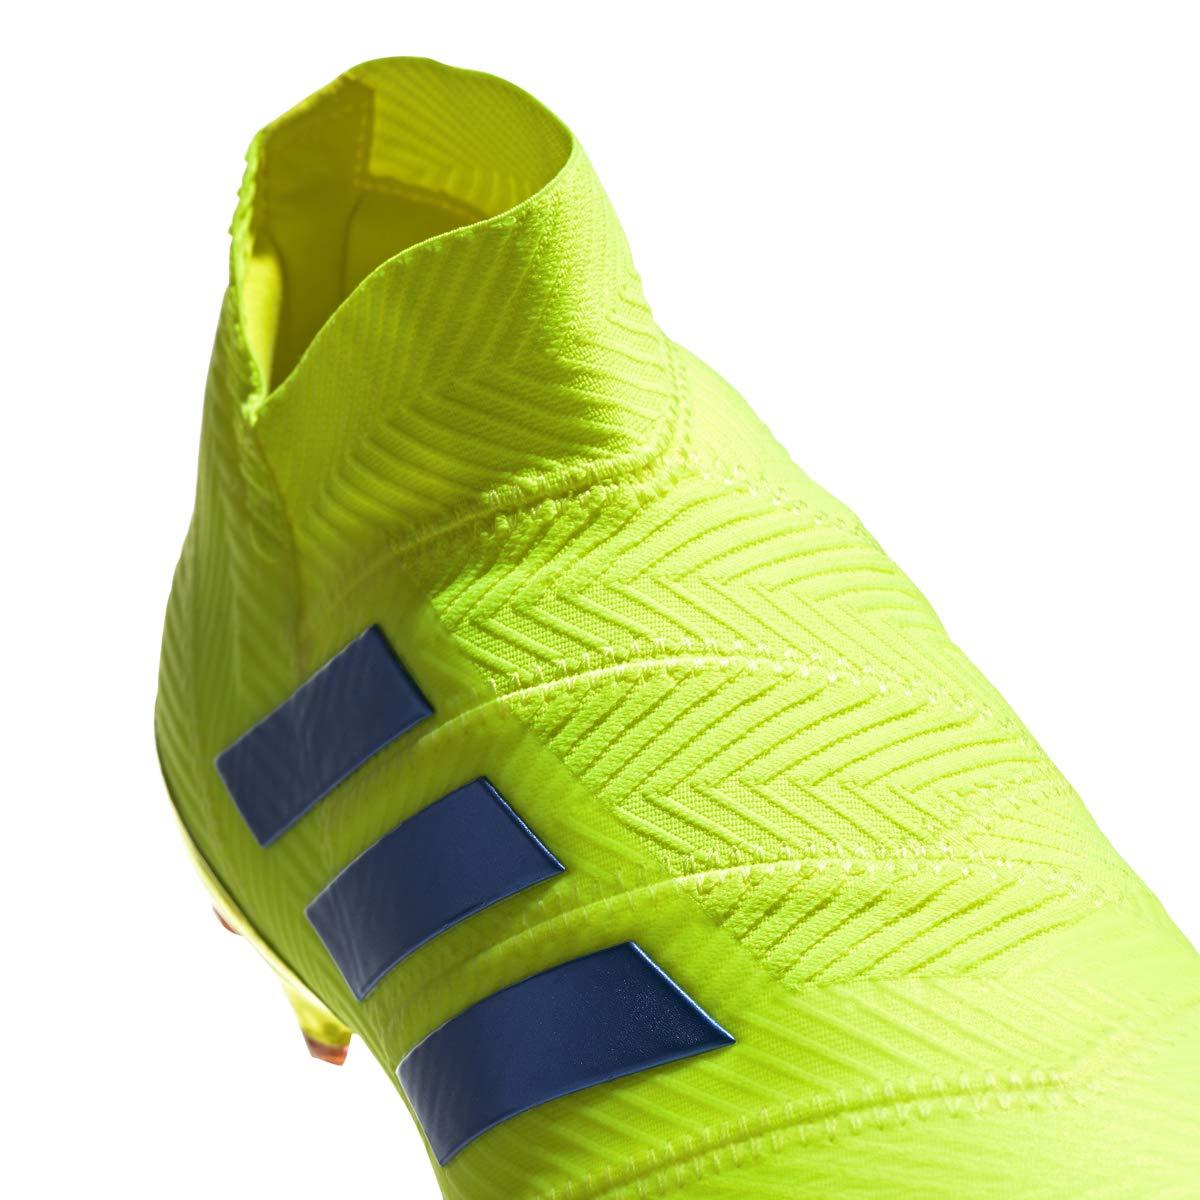 adidas Nemeziz Fußballschuhe für festen Boden ab 18 Jahren